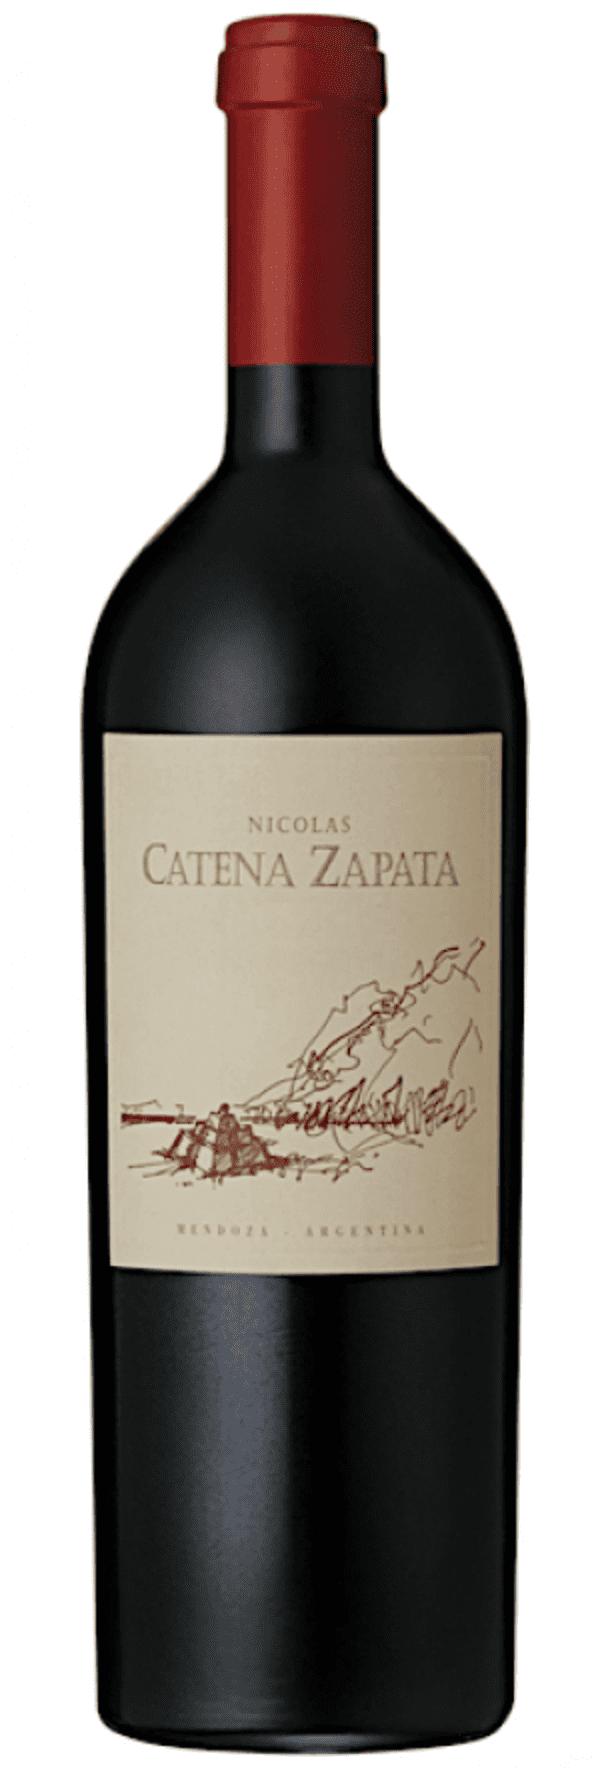 NICOLAS CATENA ZAPATA 2015 (TTO) (CATENA ZAPATA)